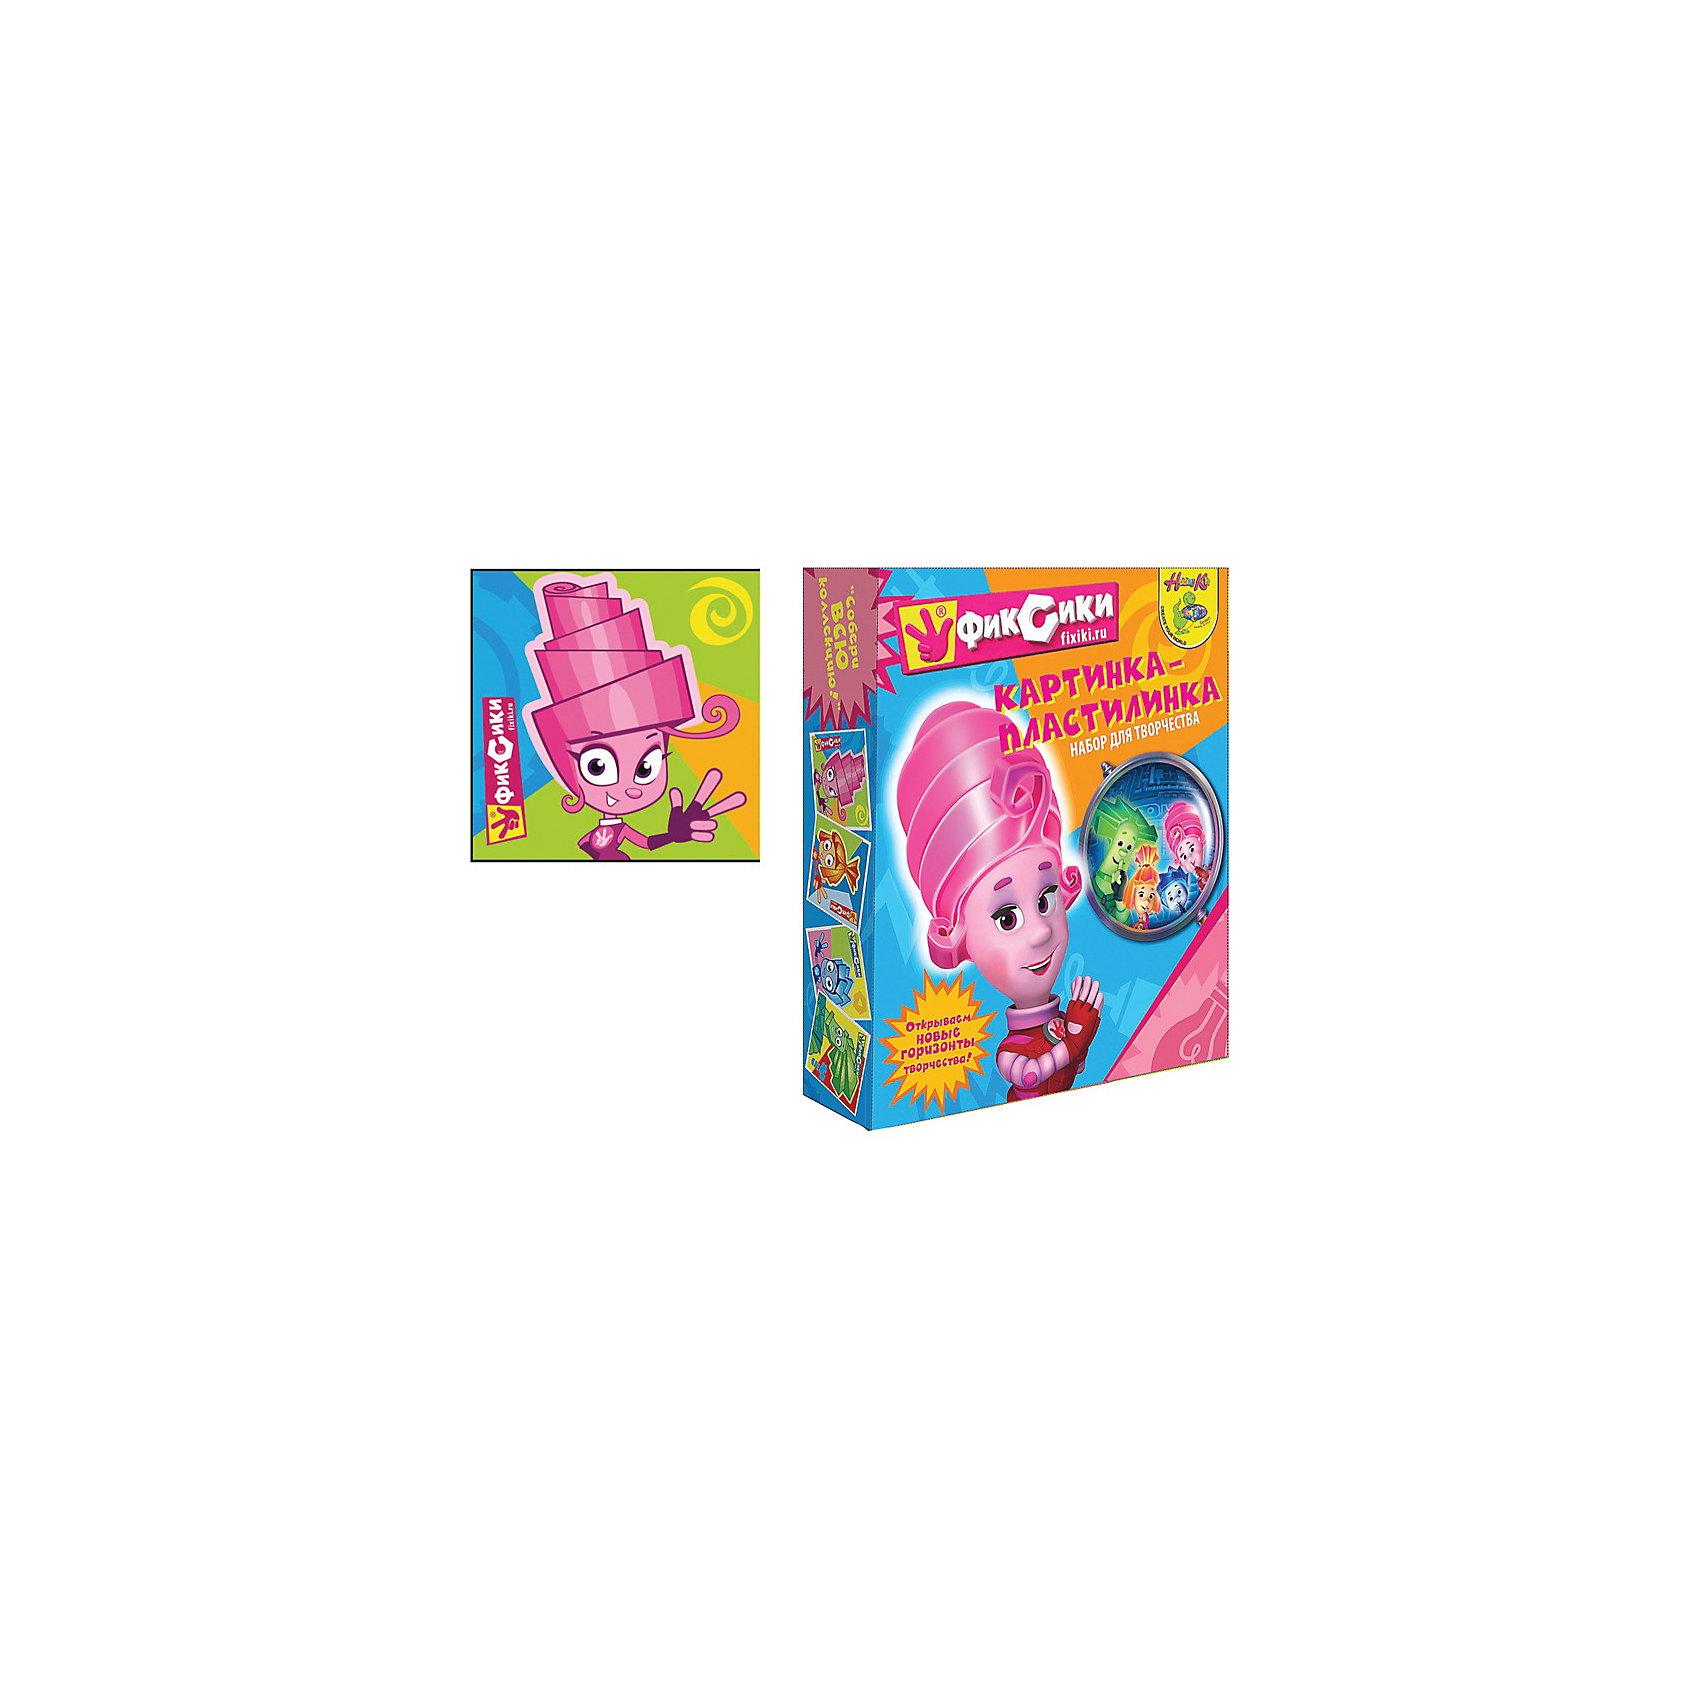 Картинка-пластилинка ФиксикиКартинка-пластилинка Фиксики способствует развитию мелкой моторики Вашего малыша и научит его восприятию цветов и их сочетаний!<br><br>Дополнительная информация:<br><br>В наборе: 10 цветов пластилина, стек, картинка с изображением Мамы-маси.<br>Количество цветов: 10.<br><br>Станет прекрасным развивающим подарком любому ребенку!<br><br>Ширина мм: 50<br>Глубина мм: 225<br>Высота мм: 185<br>Вес г: 300<br>Возраст от месяцев: 36<br>Возраст до месяцев: 156<br>Пол: Унисекс<br>Возраст: Детский<br>SKU: 3289537